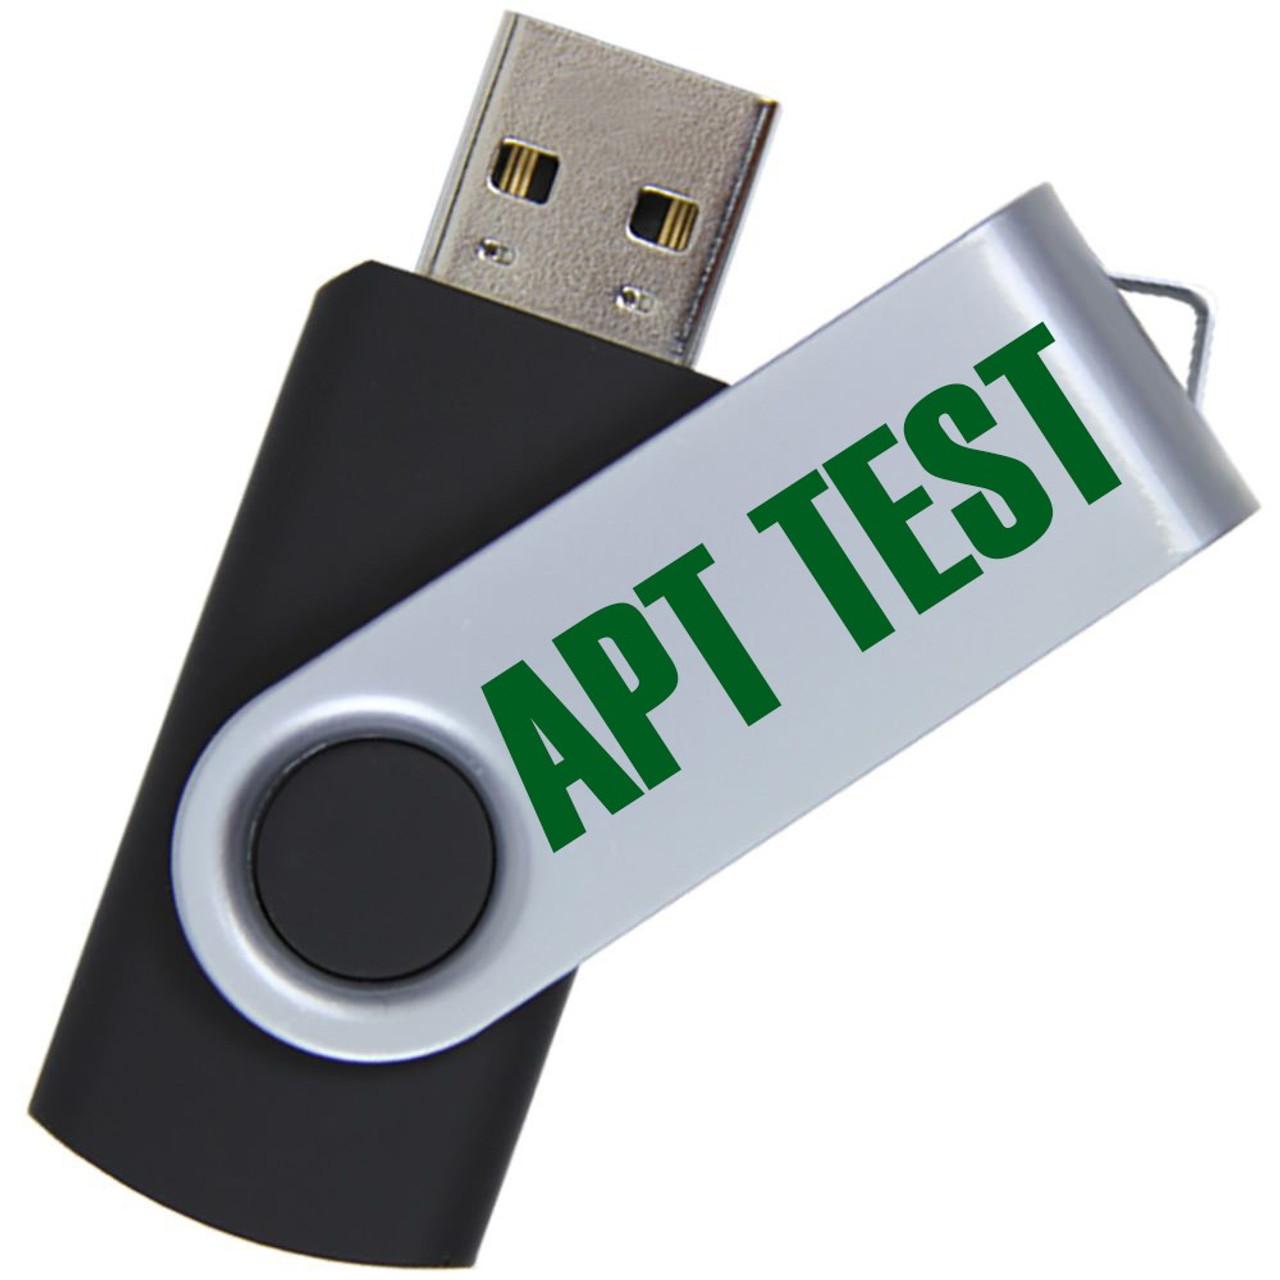 APT Test USB Drive w/Scoresheet Files